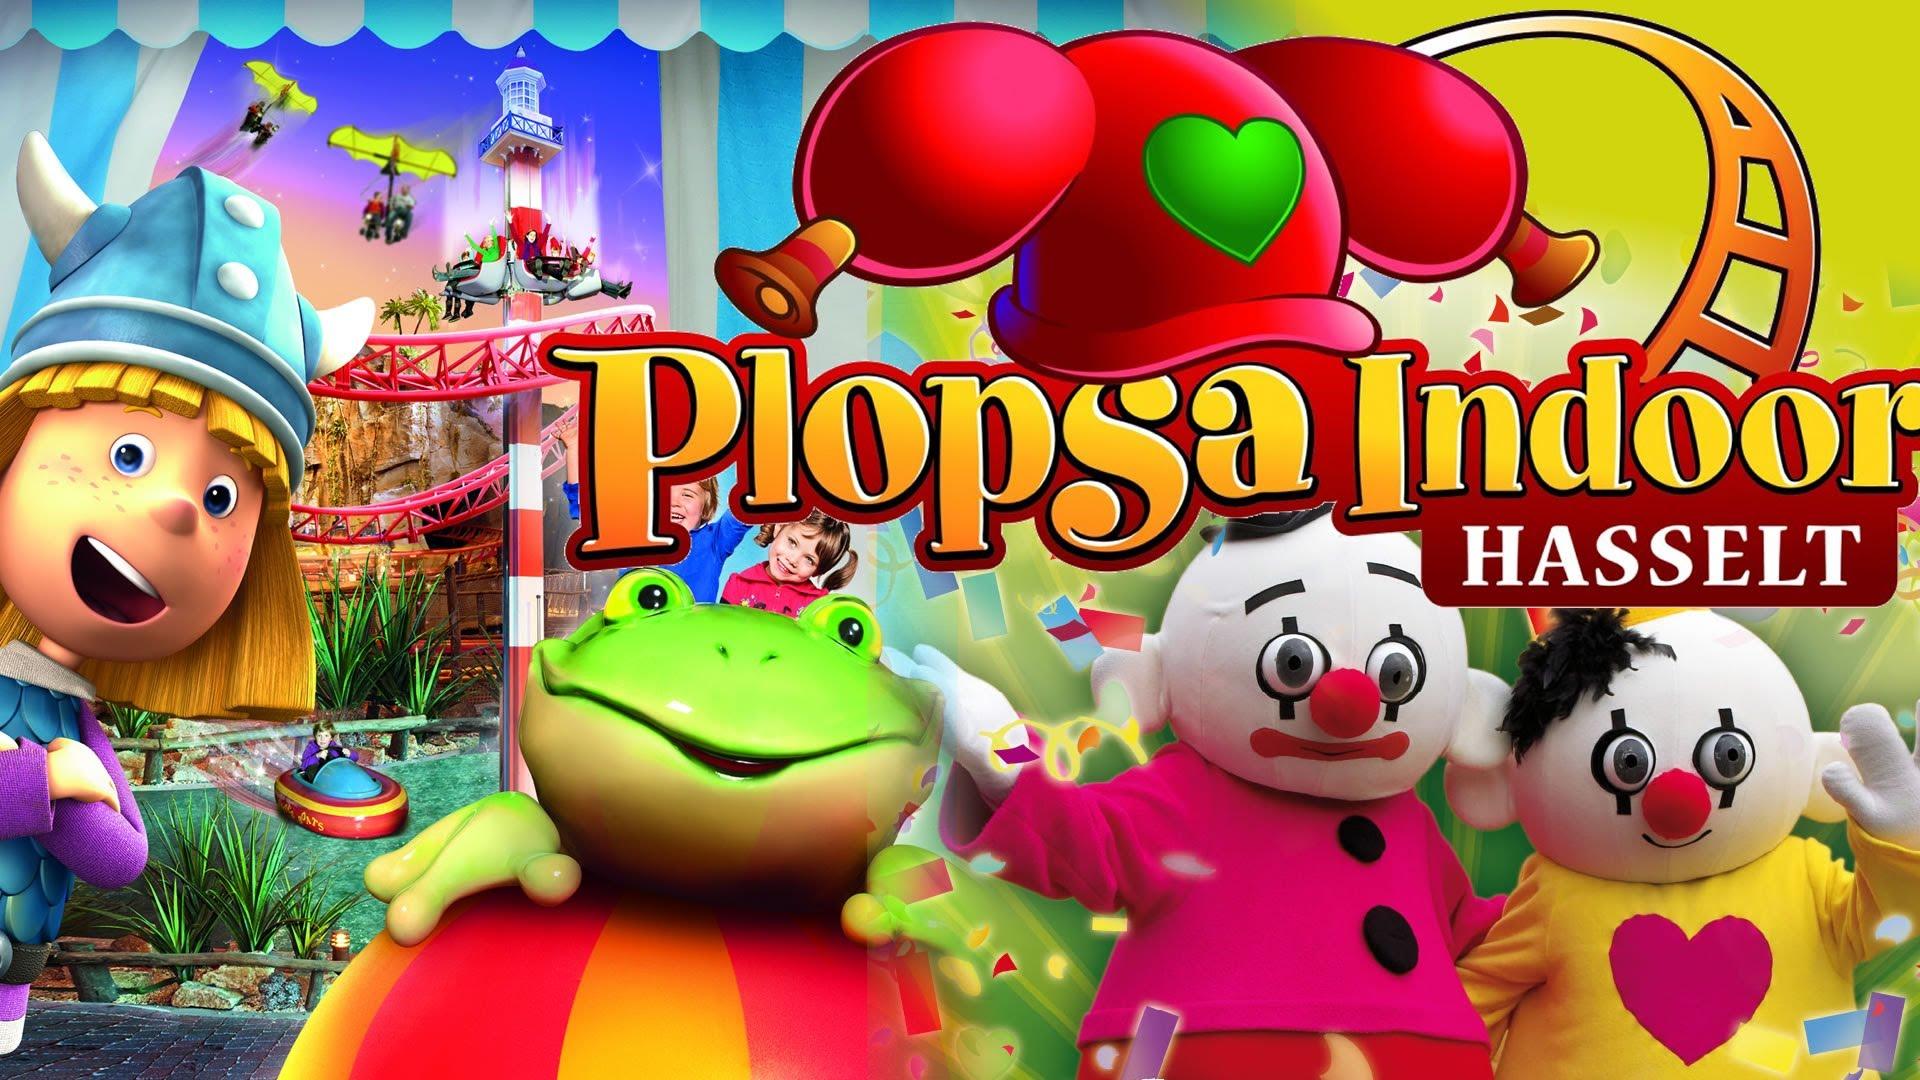 1 + 1 gratis ticket met kortingscode voor Plopsa Indoor Hasselt